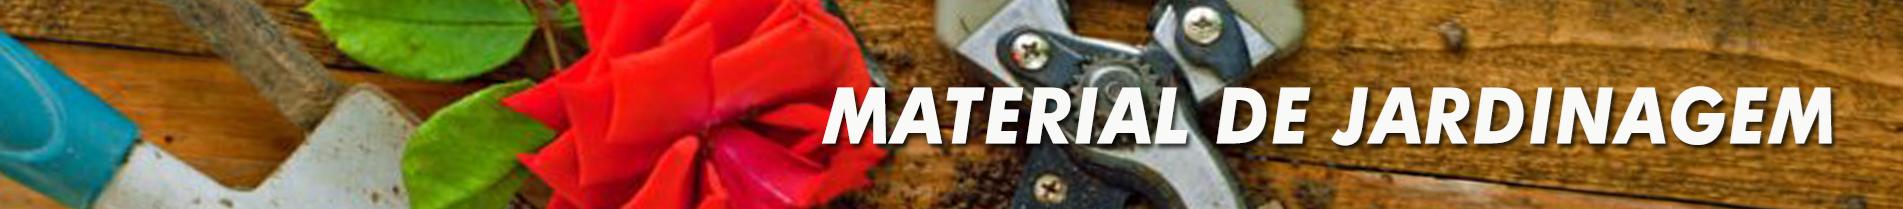 Abrafer Topo Material de Jardinagem